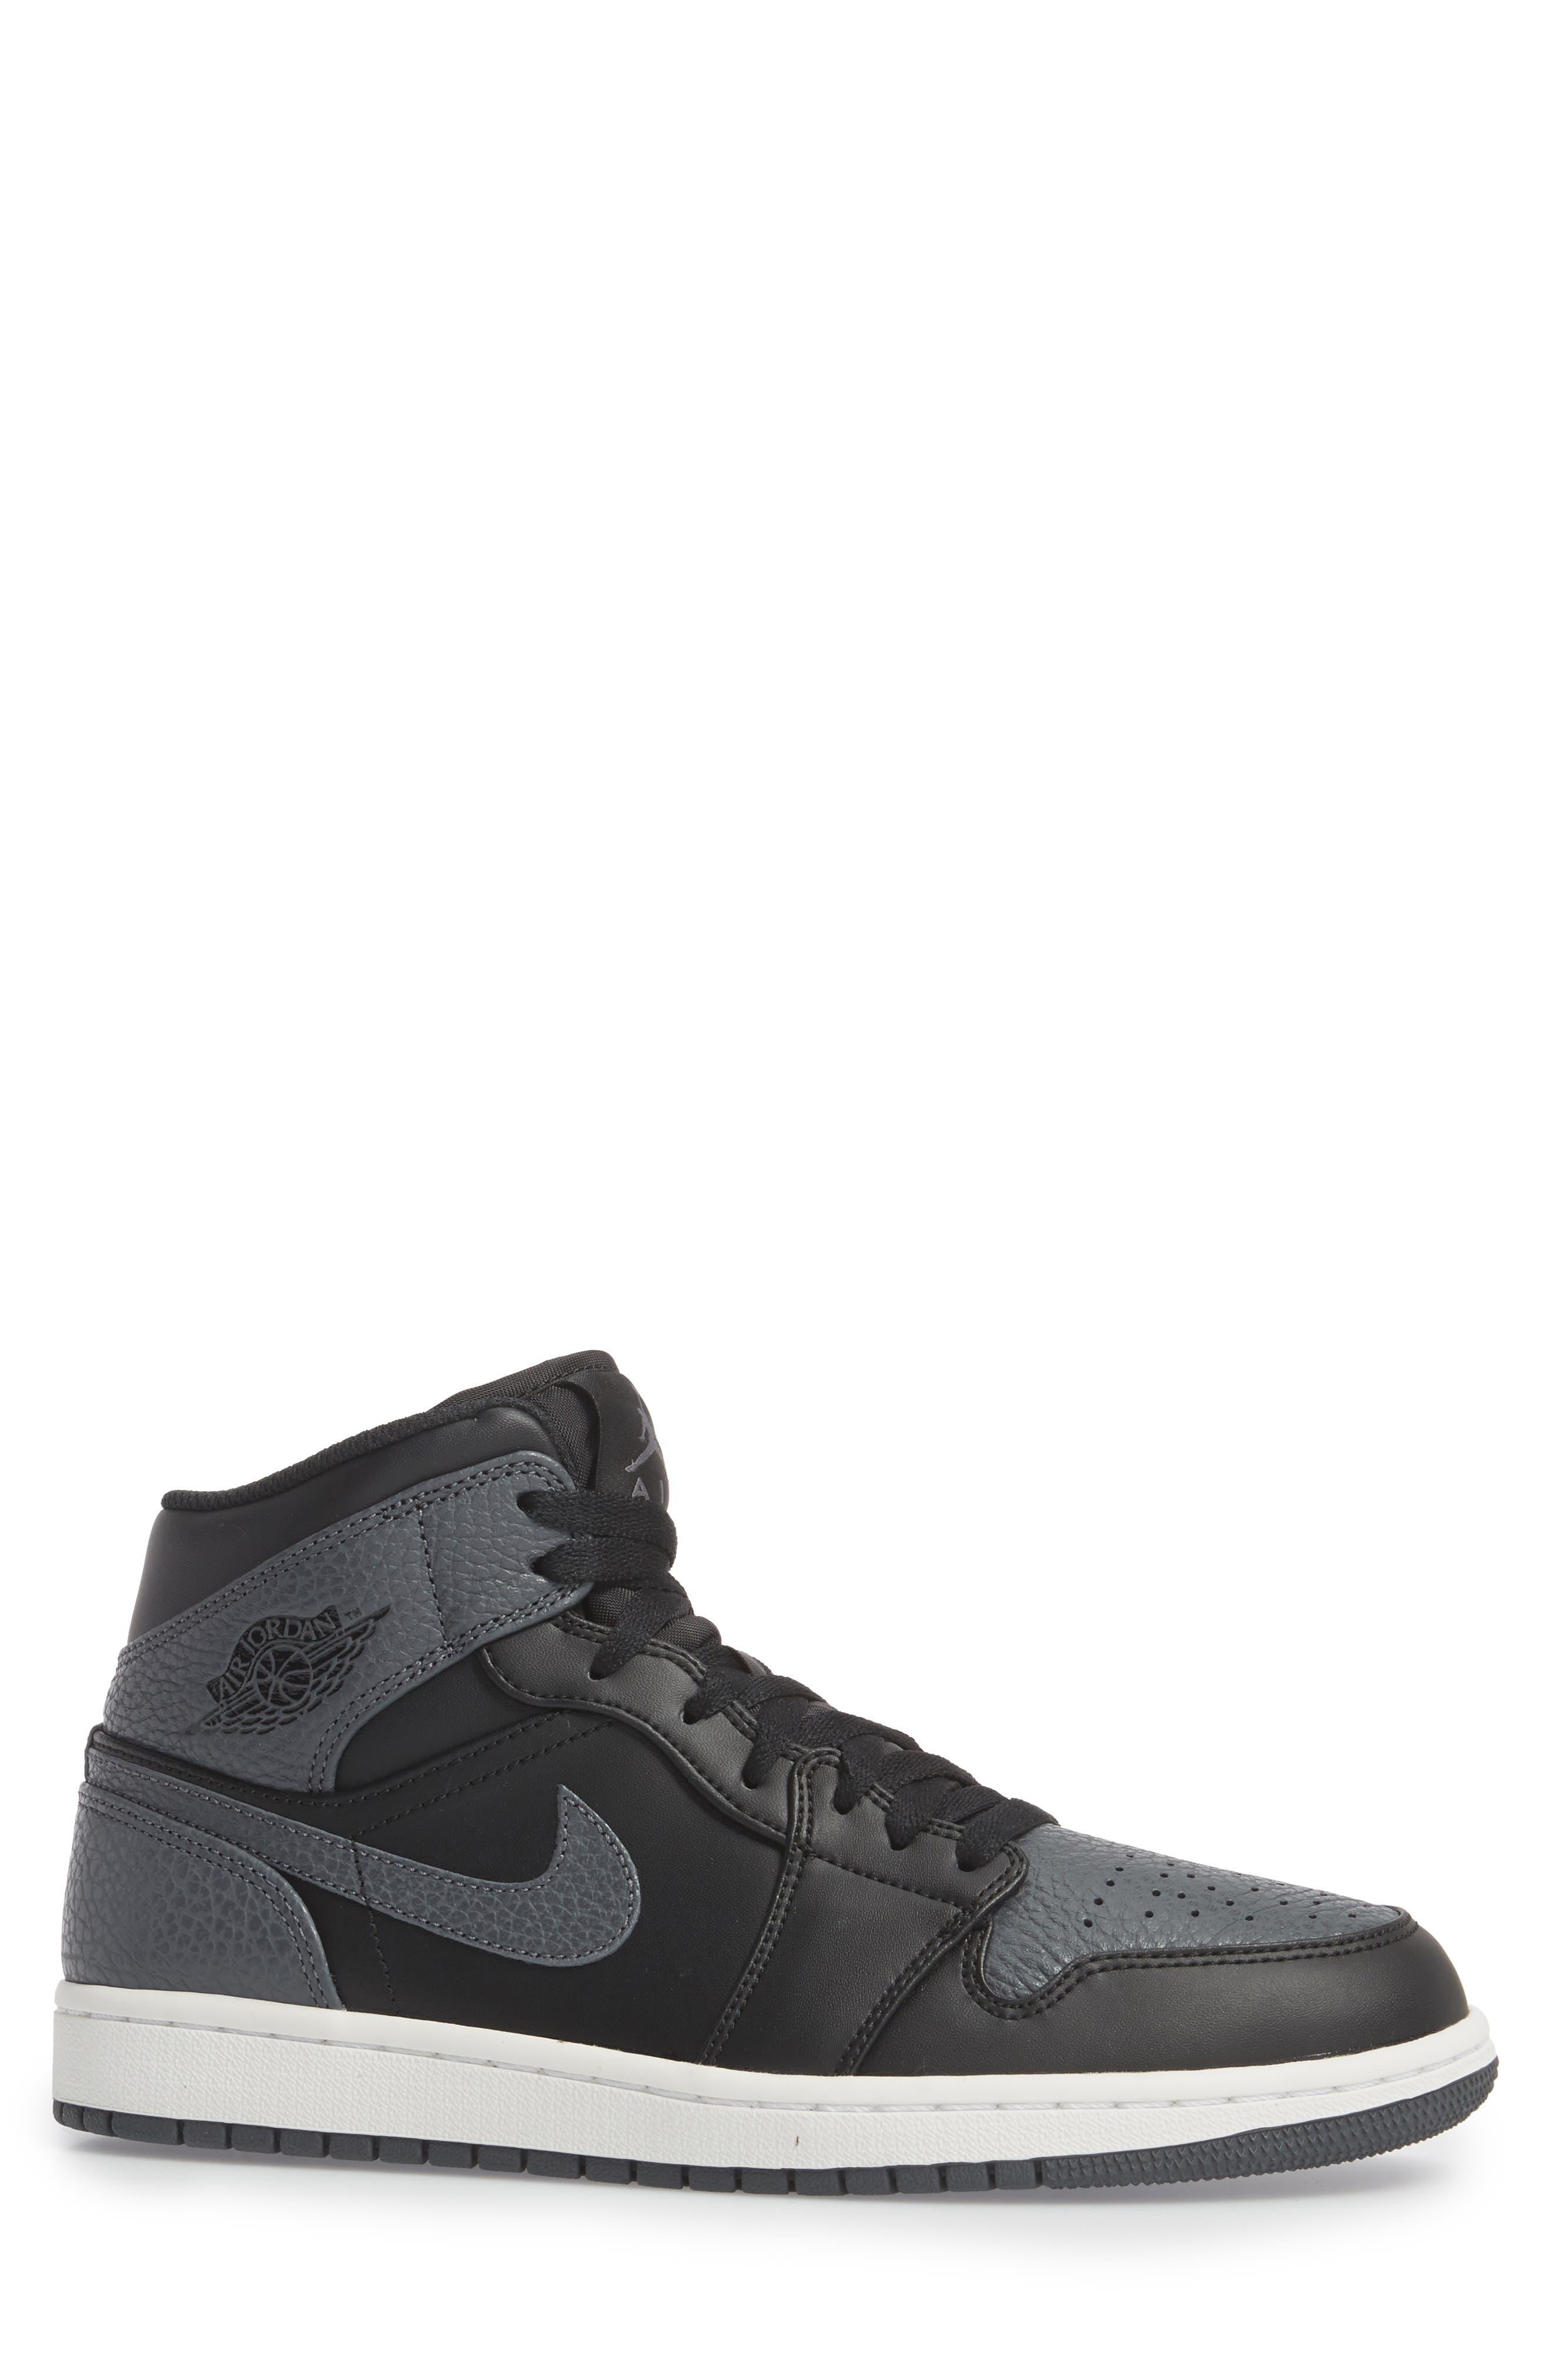 NIKE, 'Air Jordan 1 Mid' Sneaker, Alternate thumbnail 3, color, 001